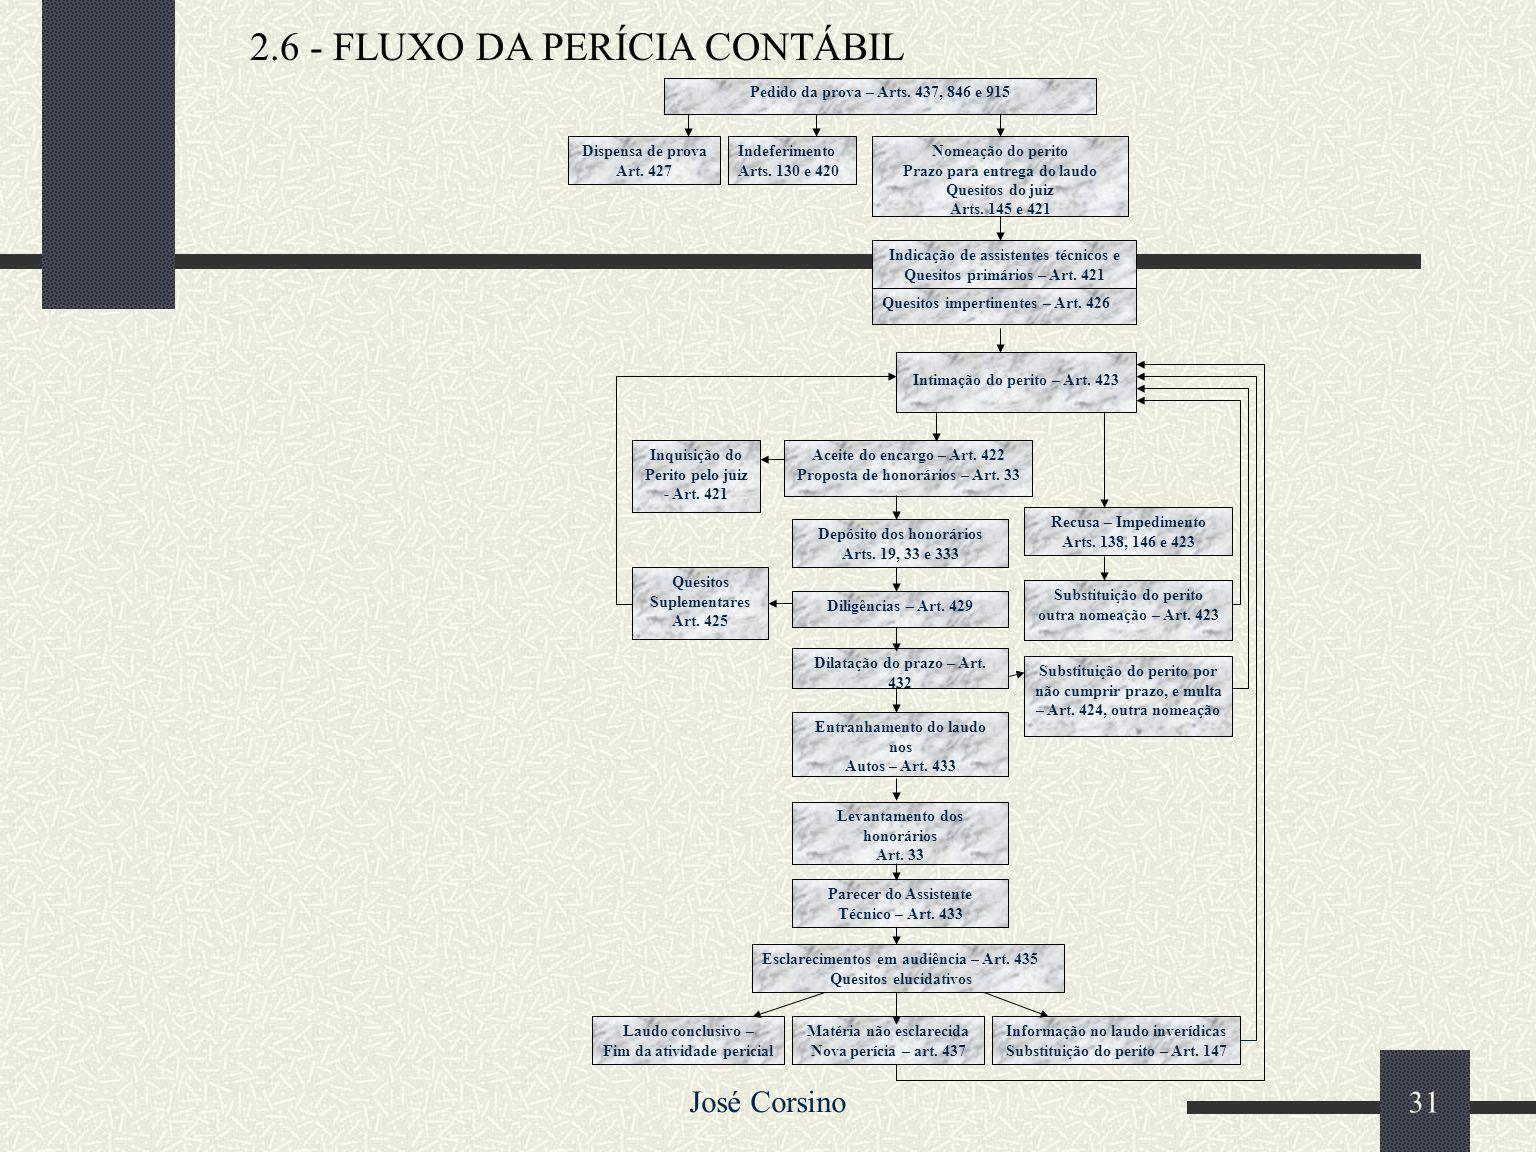 2.6 - FLUXO DA PERÍCIA CONTÁBIL